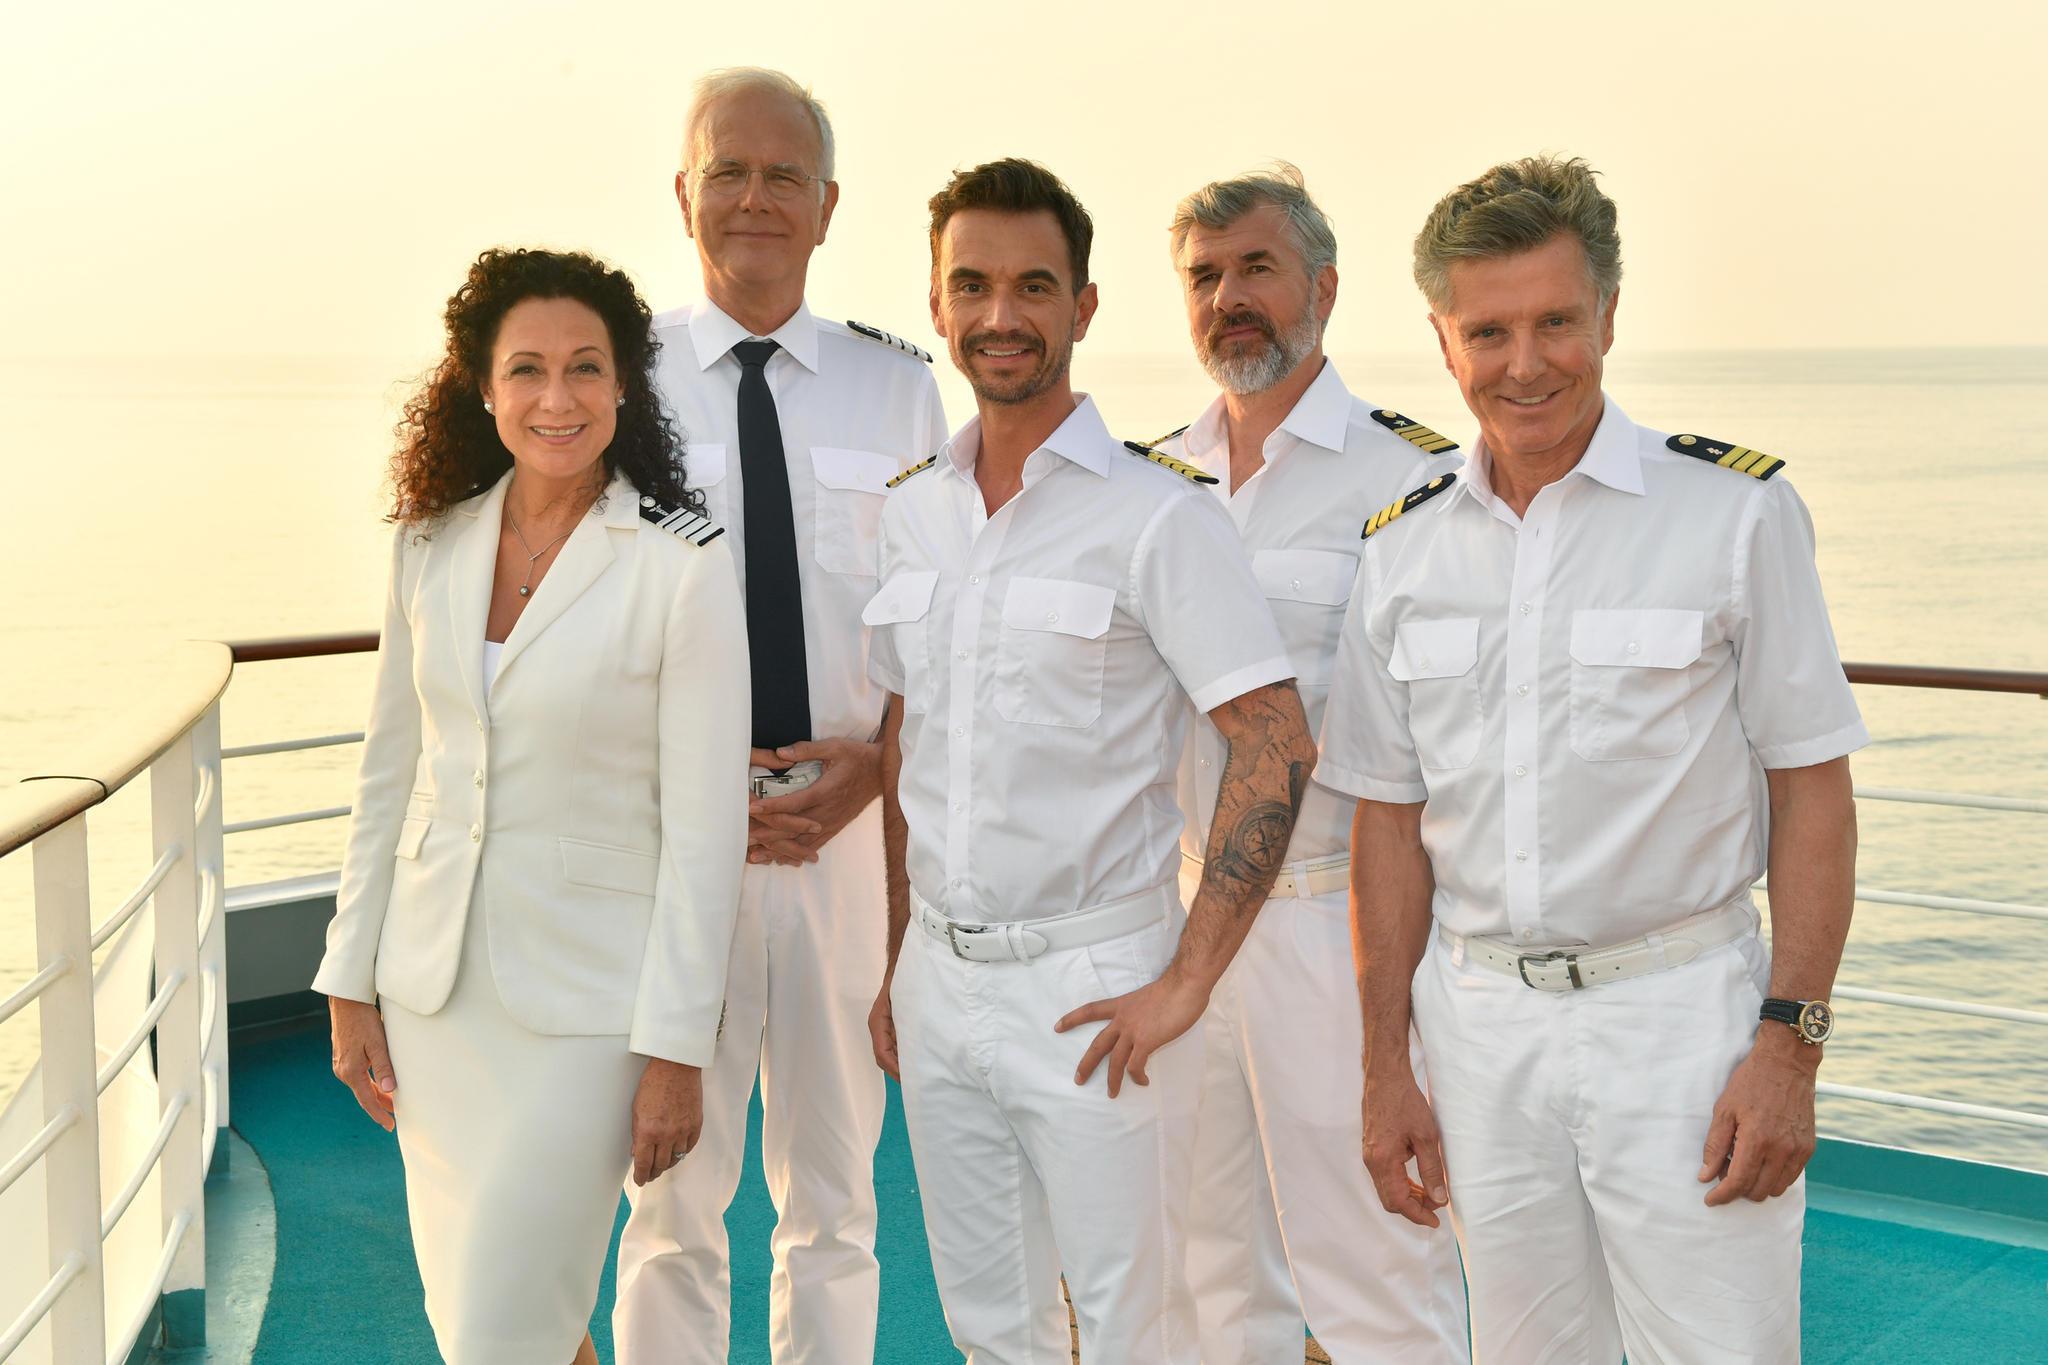 Barbara Wussow, Harald Schmidt,Florian Silbereisen,Daniel Morgenroth und Nick Wilder